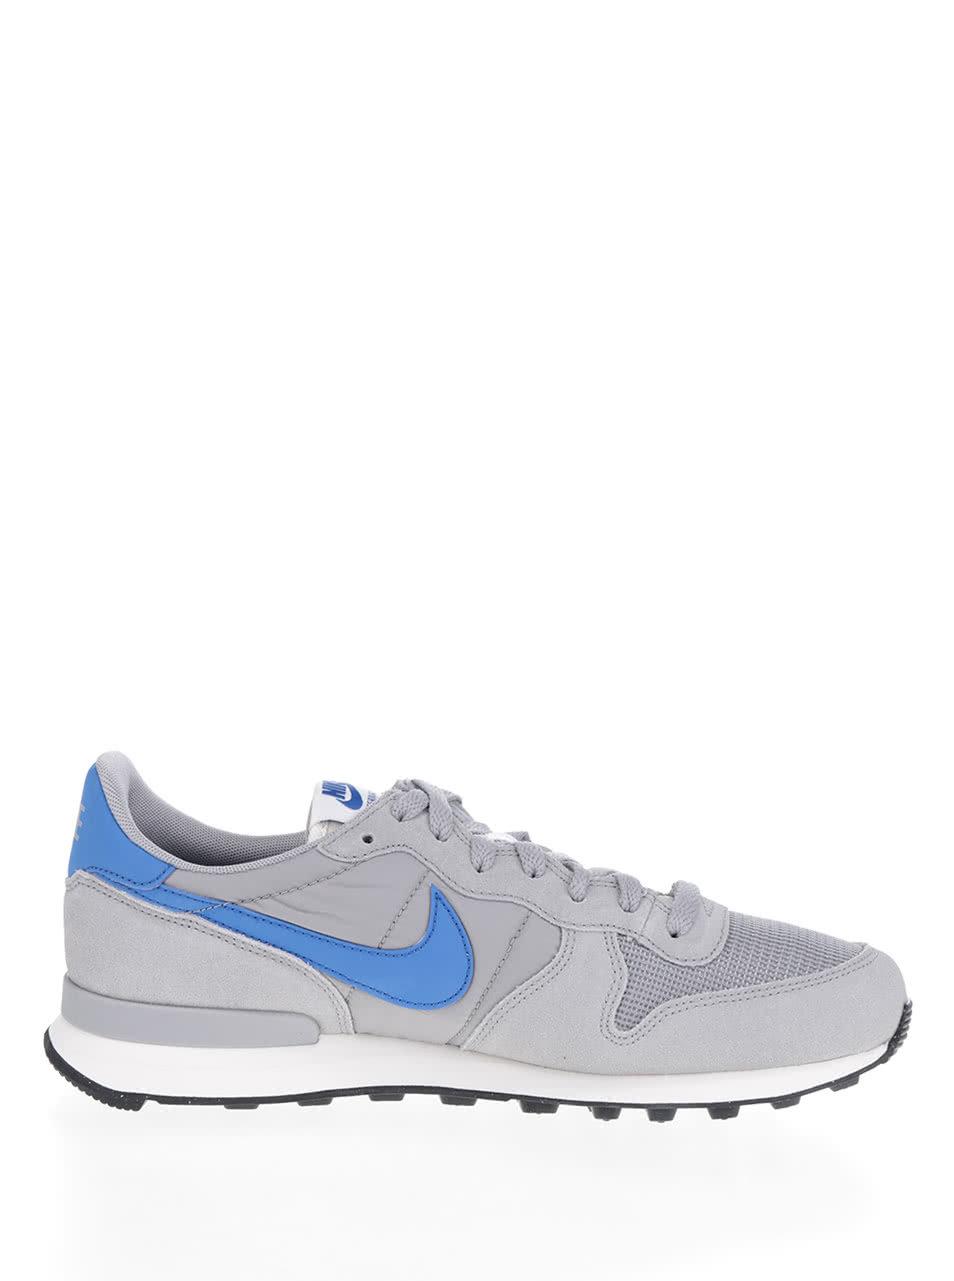 Šedé pánské tenisky se semišovými detaily Nike Internationalist ... 3028933f128